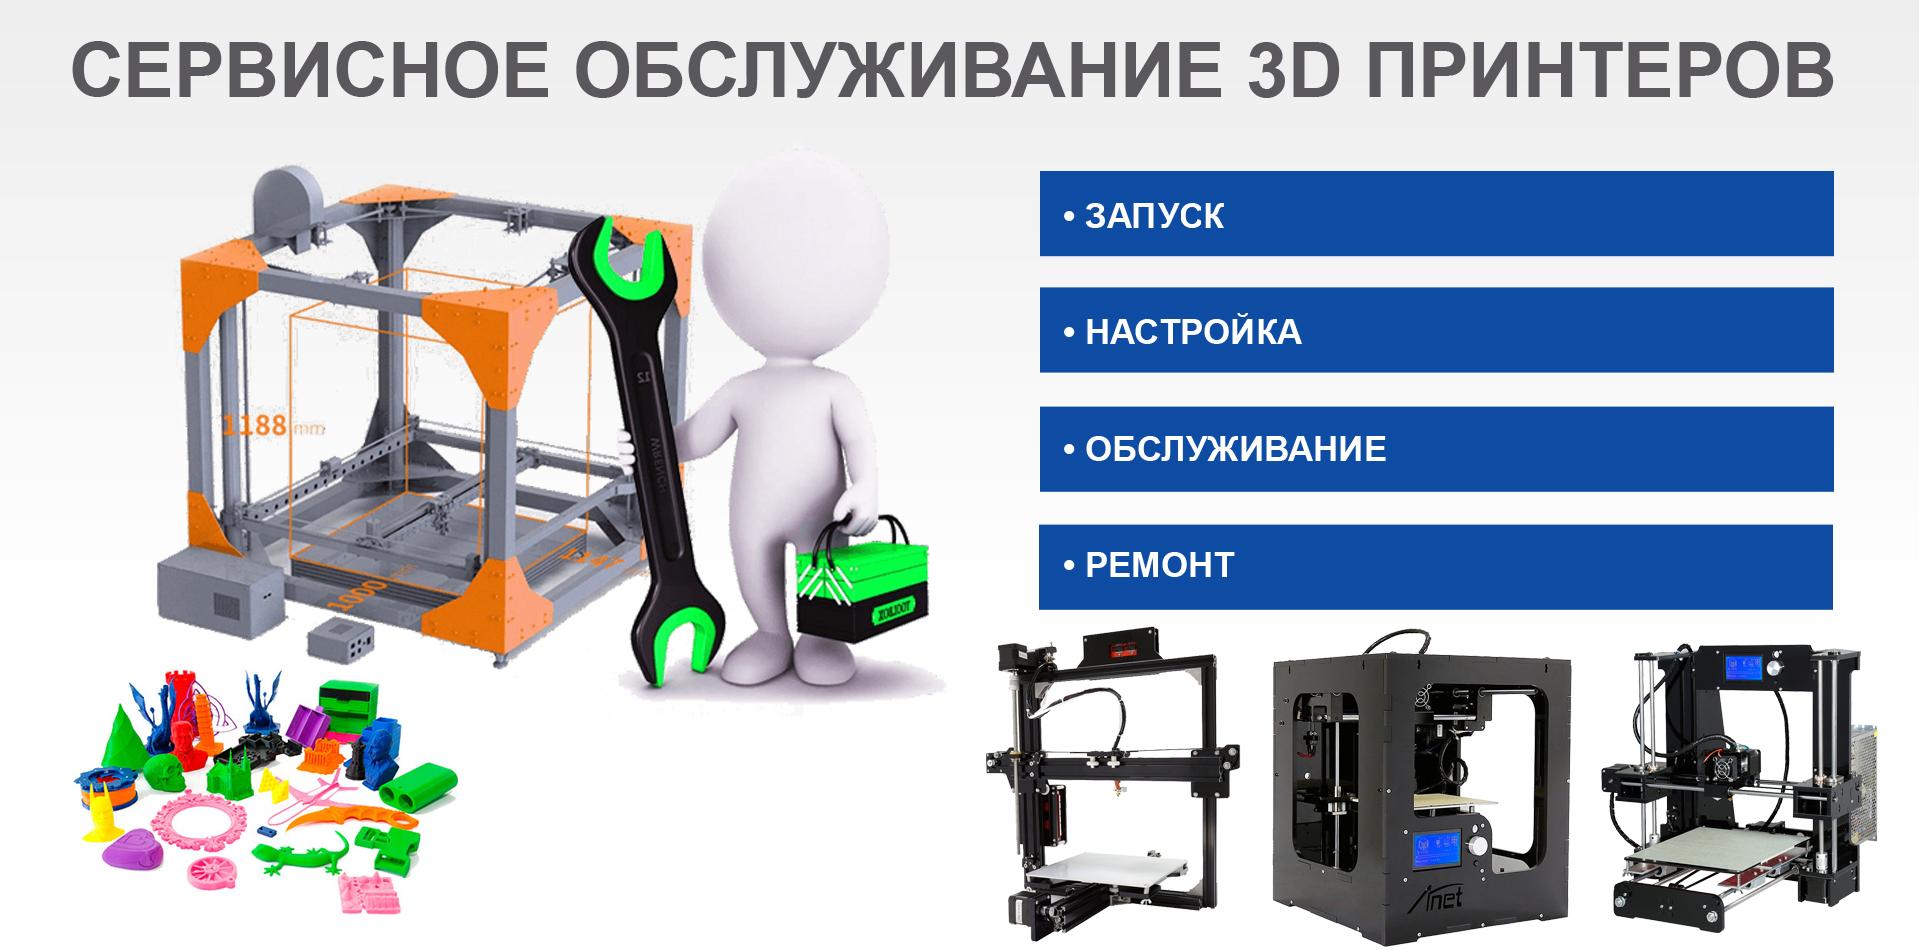 СЕРВИСНОЕ ОБСЛУЖИВАНИЕ 3D ПРИНТЕРОВ